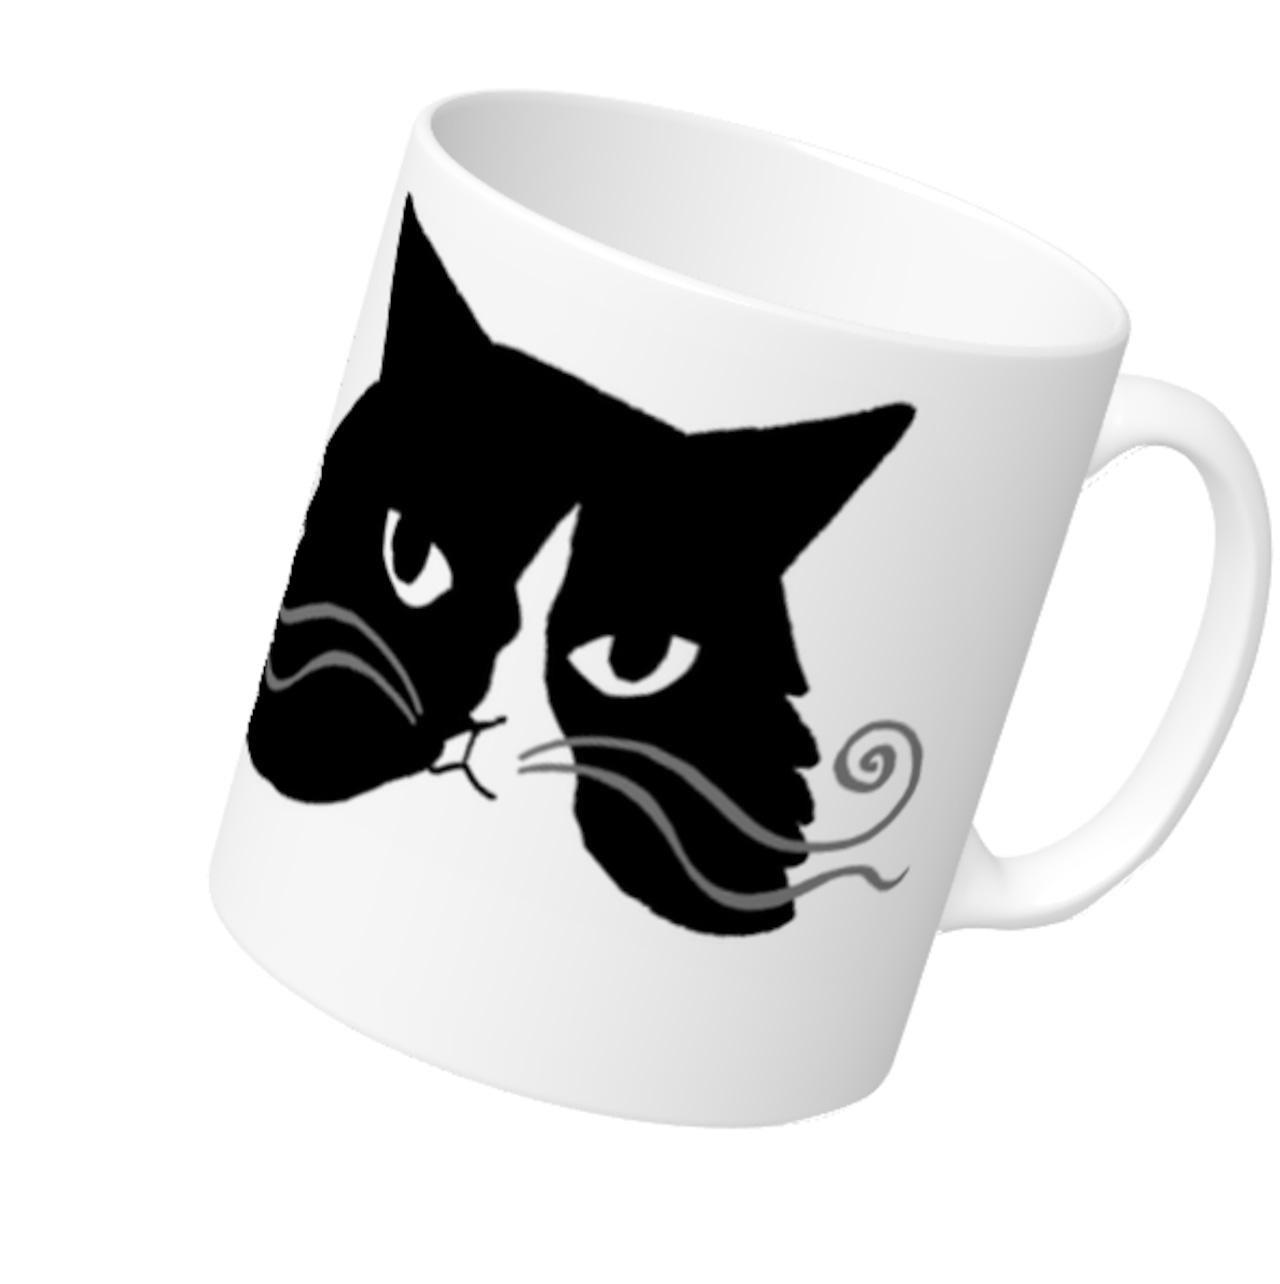 猫庭マグカップ ■MUIMUUI ■